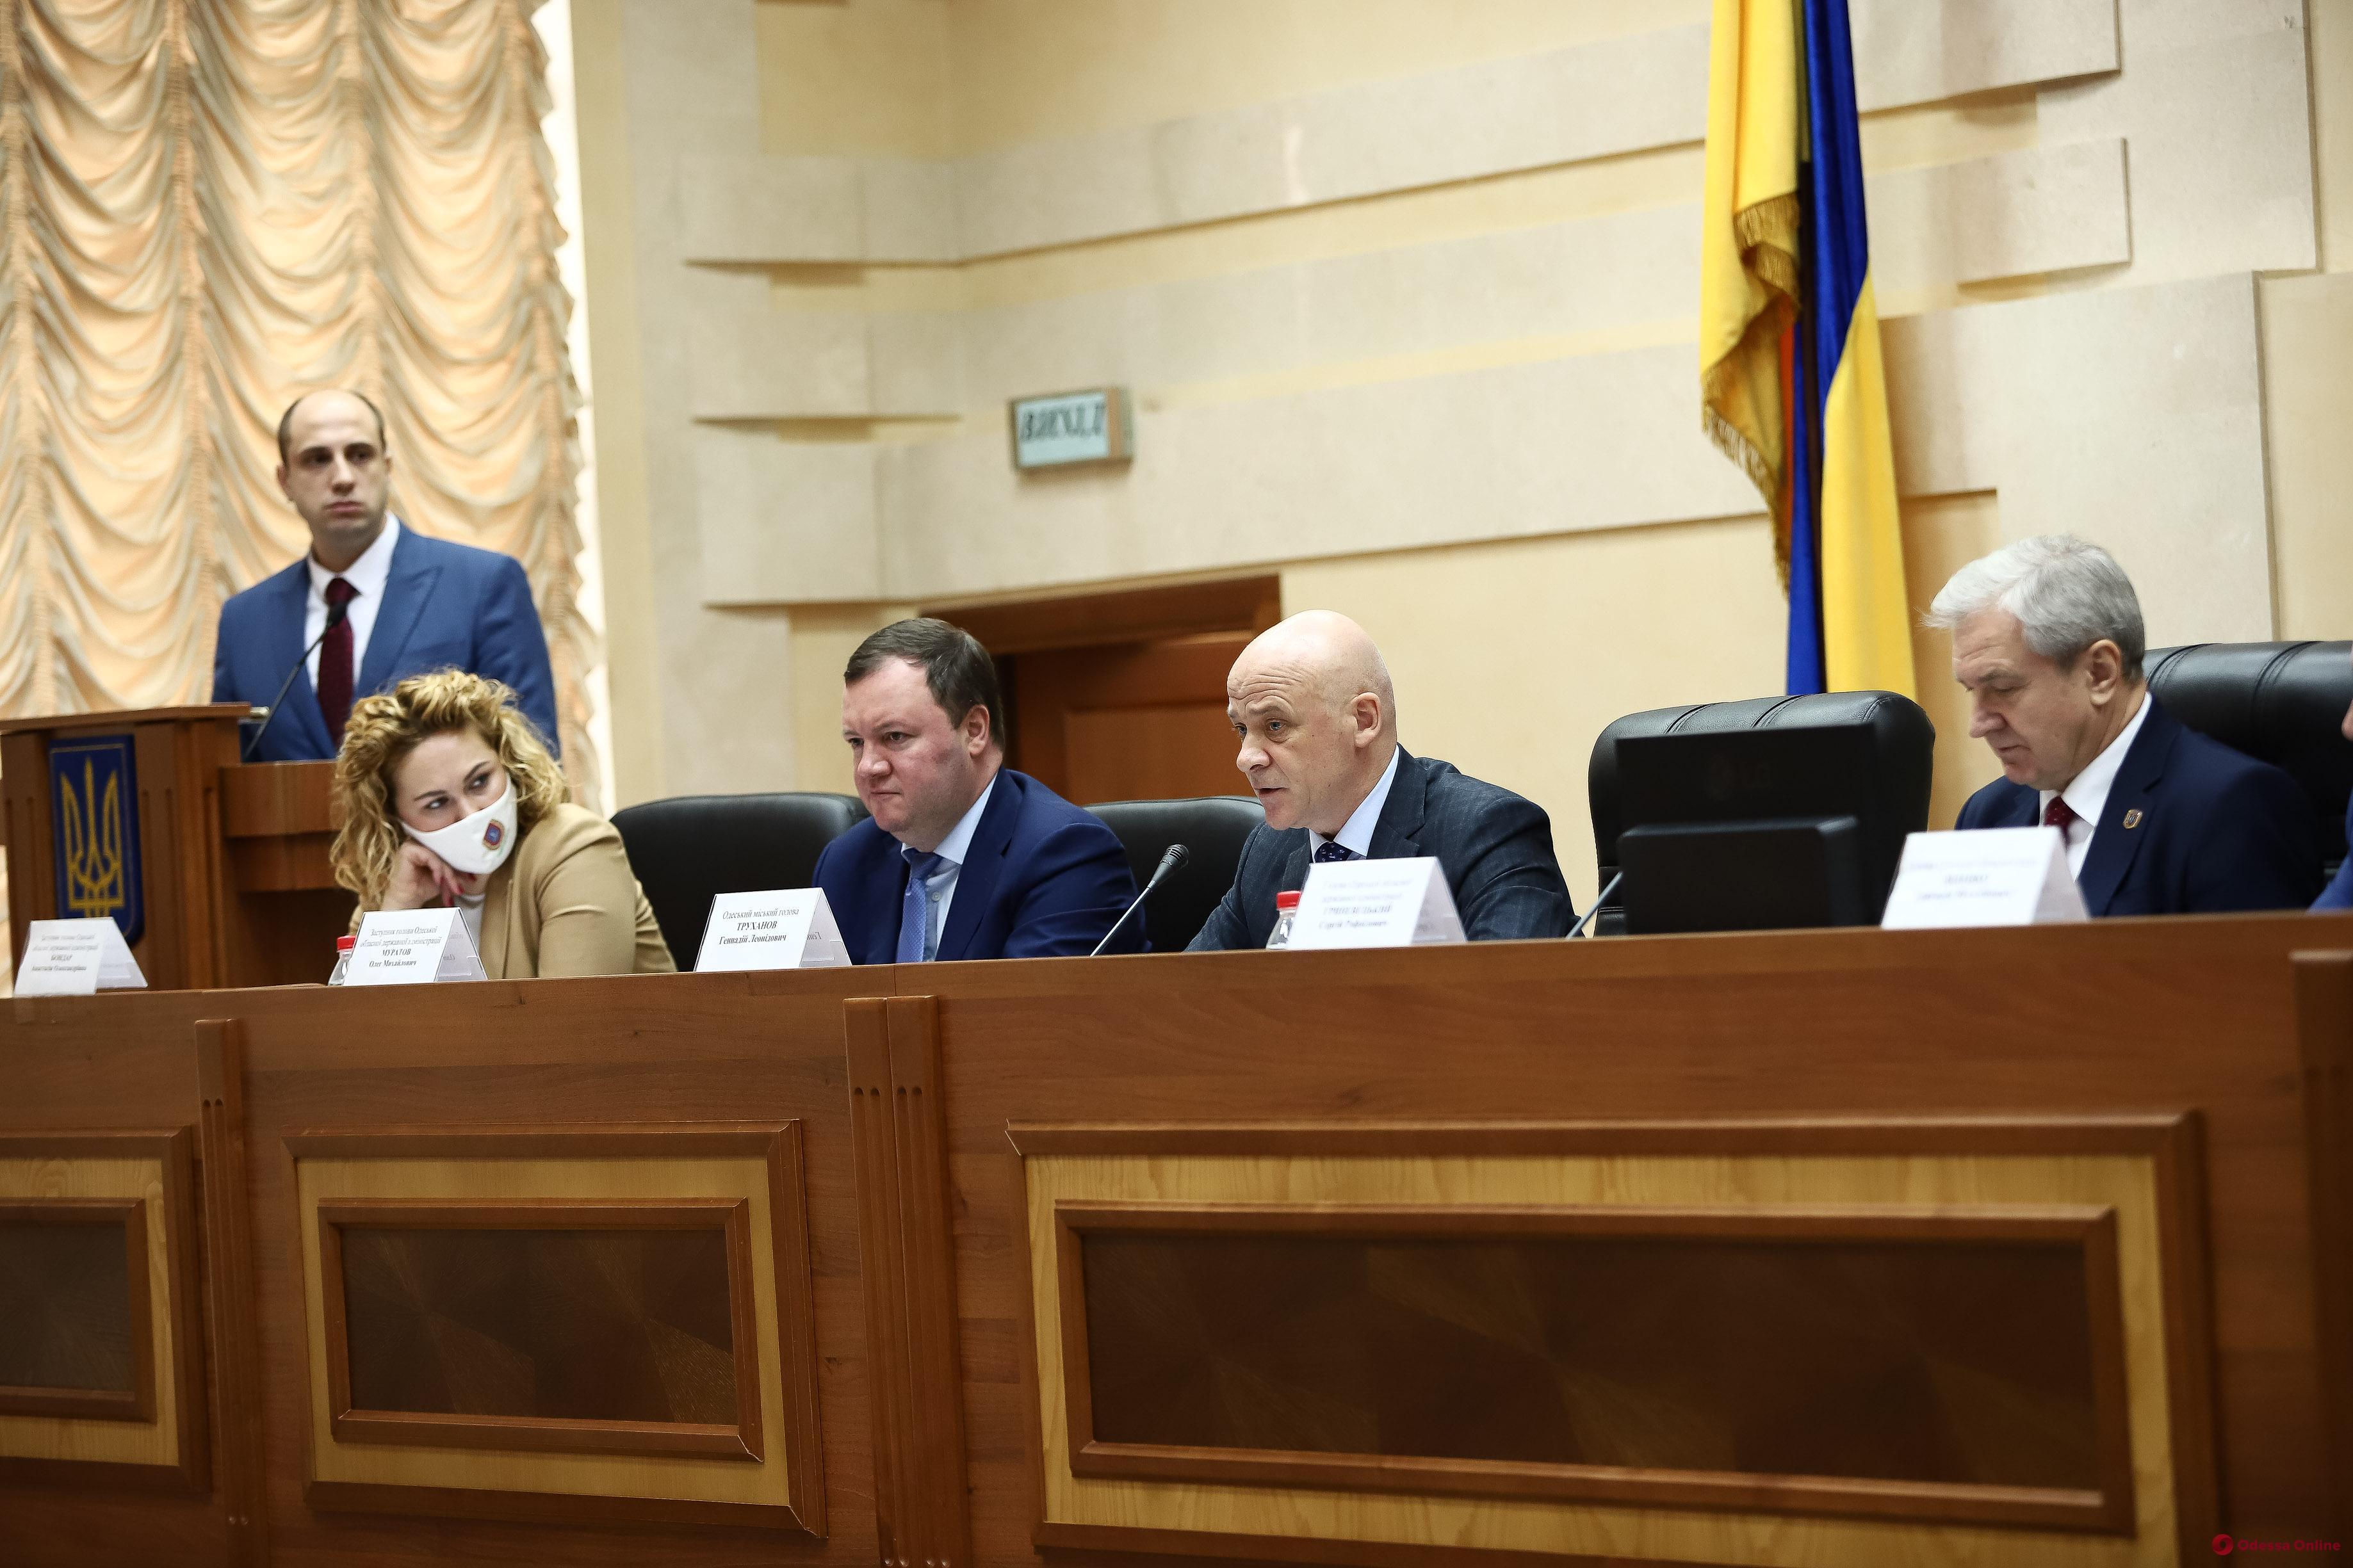 Геннадий Труханов: Одесская ТЭЦ должна быть передана в коммунальную собственность